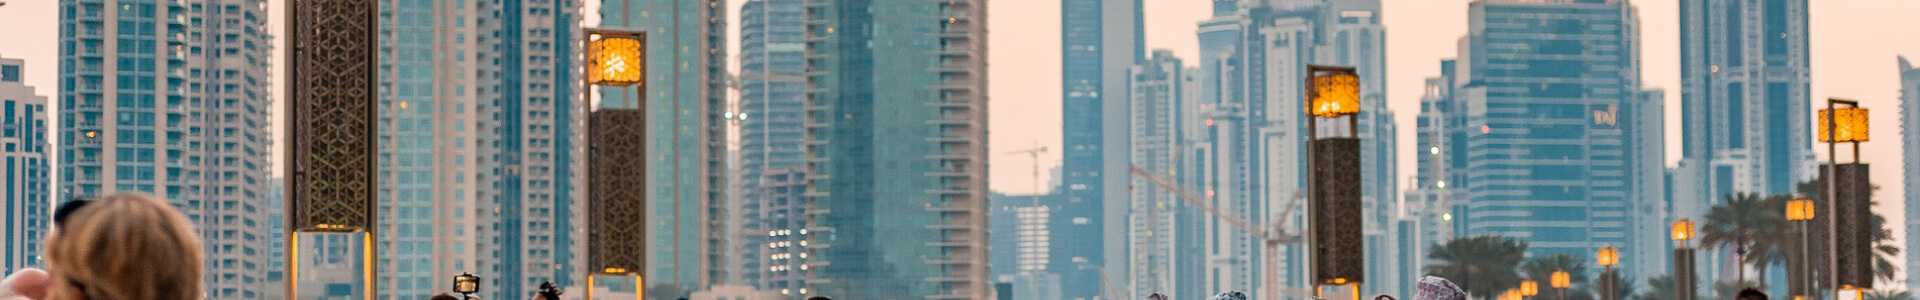 llamadas-internacionales-prepago-emiratos-arabes